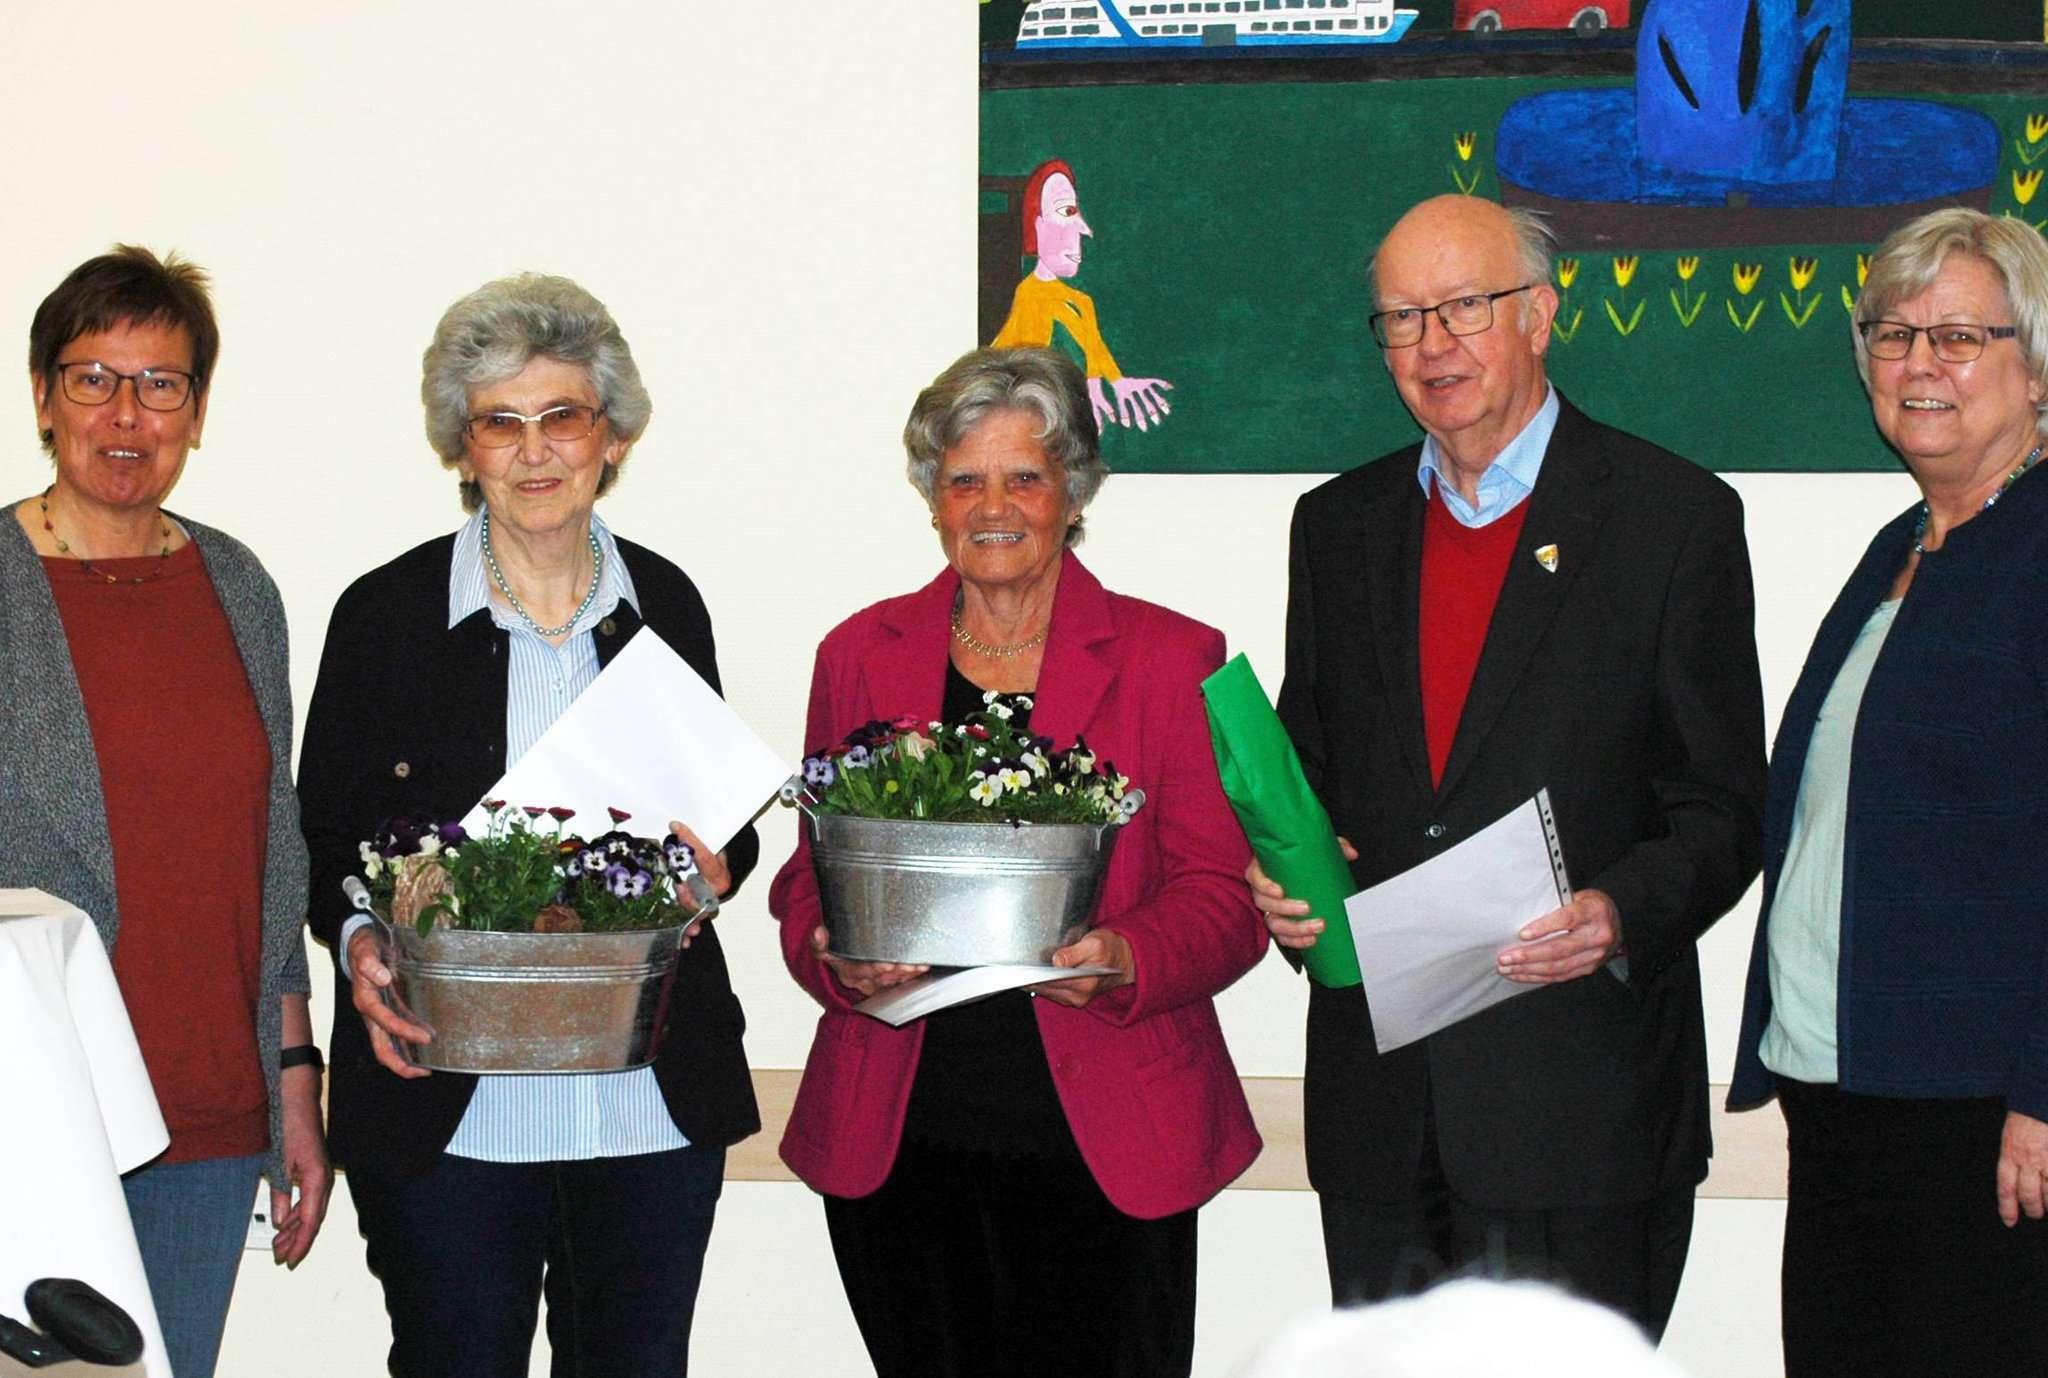 Der Rotenburger Kneipp-Verein ehrte seine Jubilare.